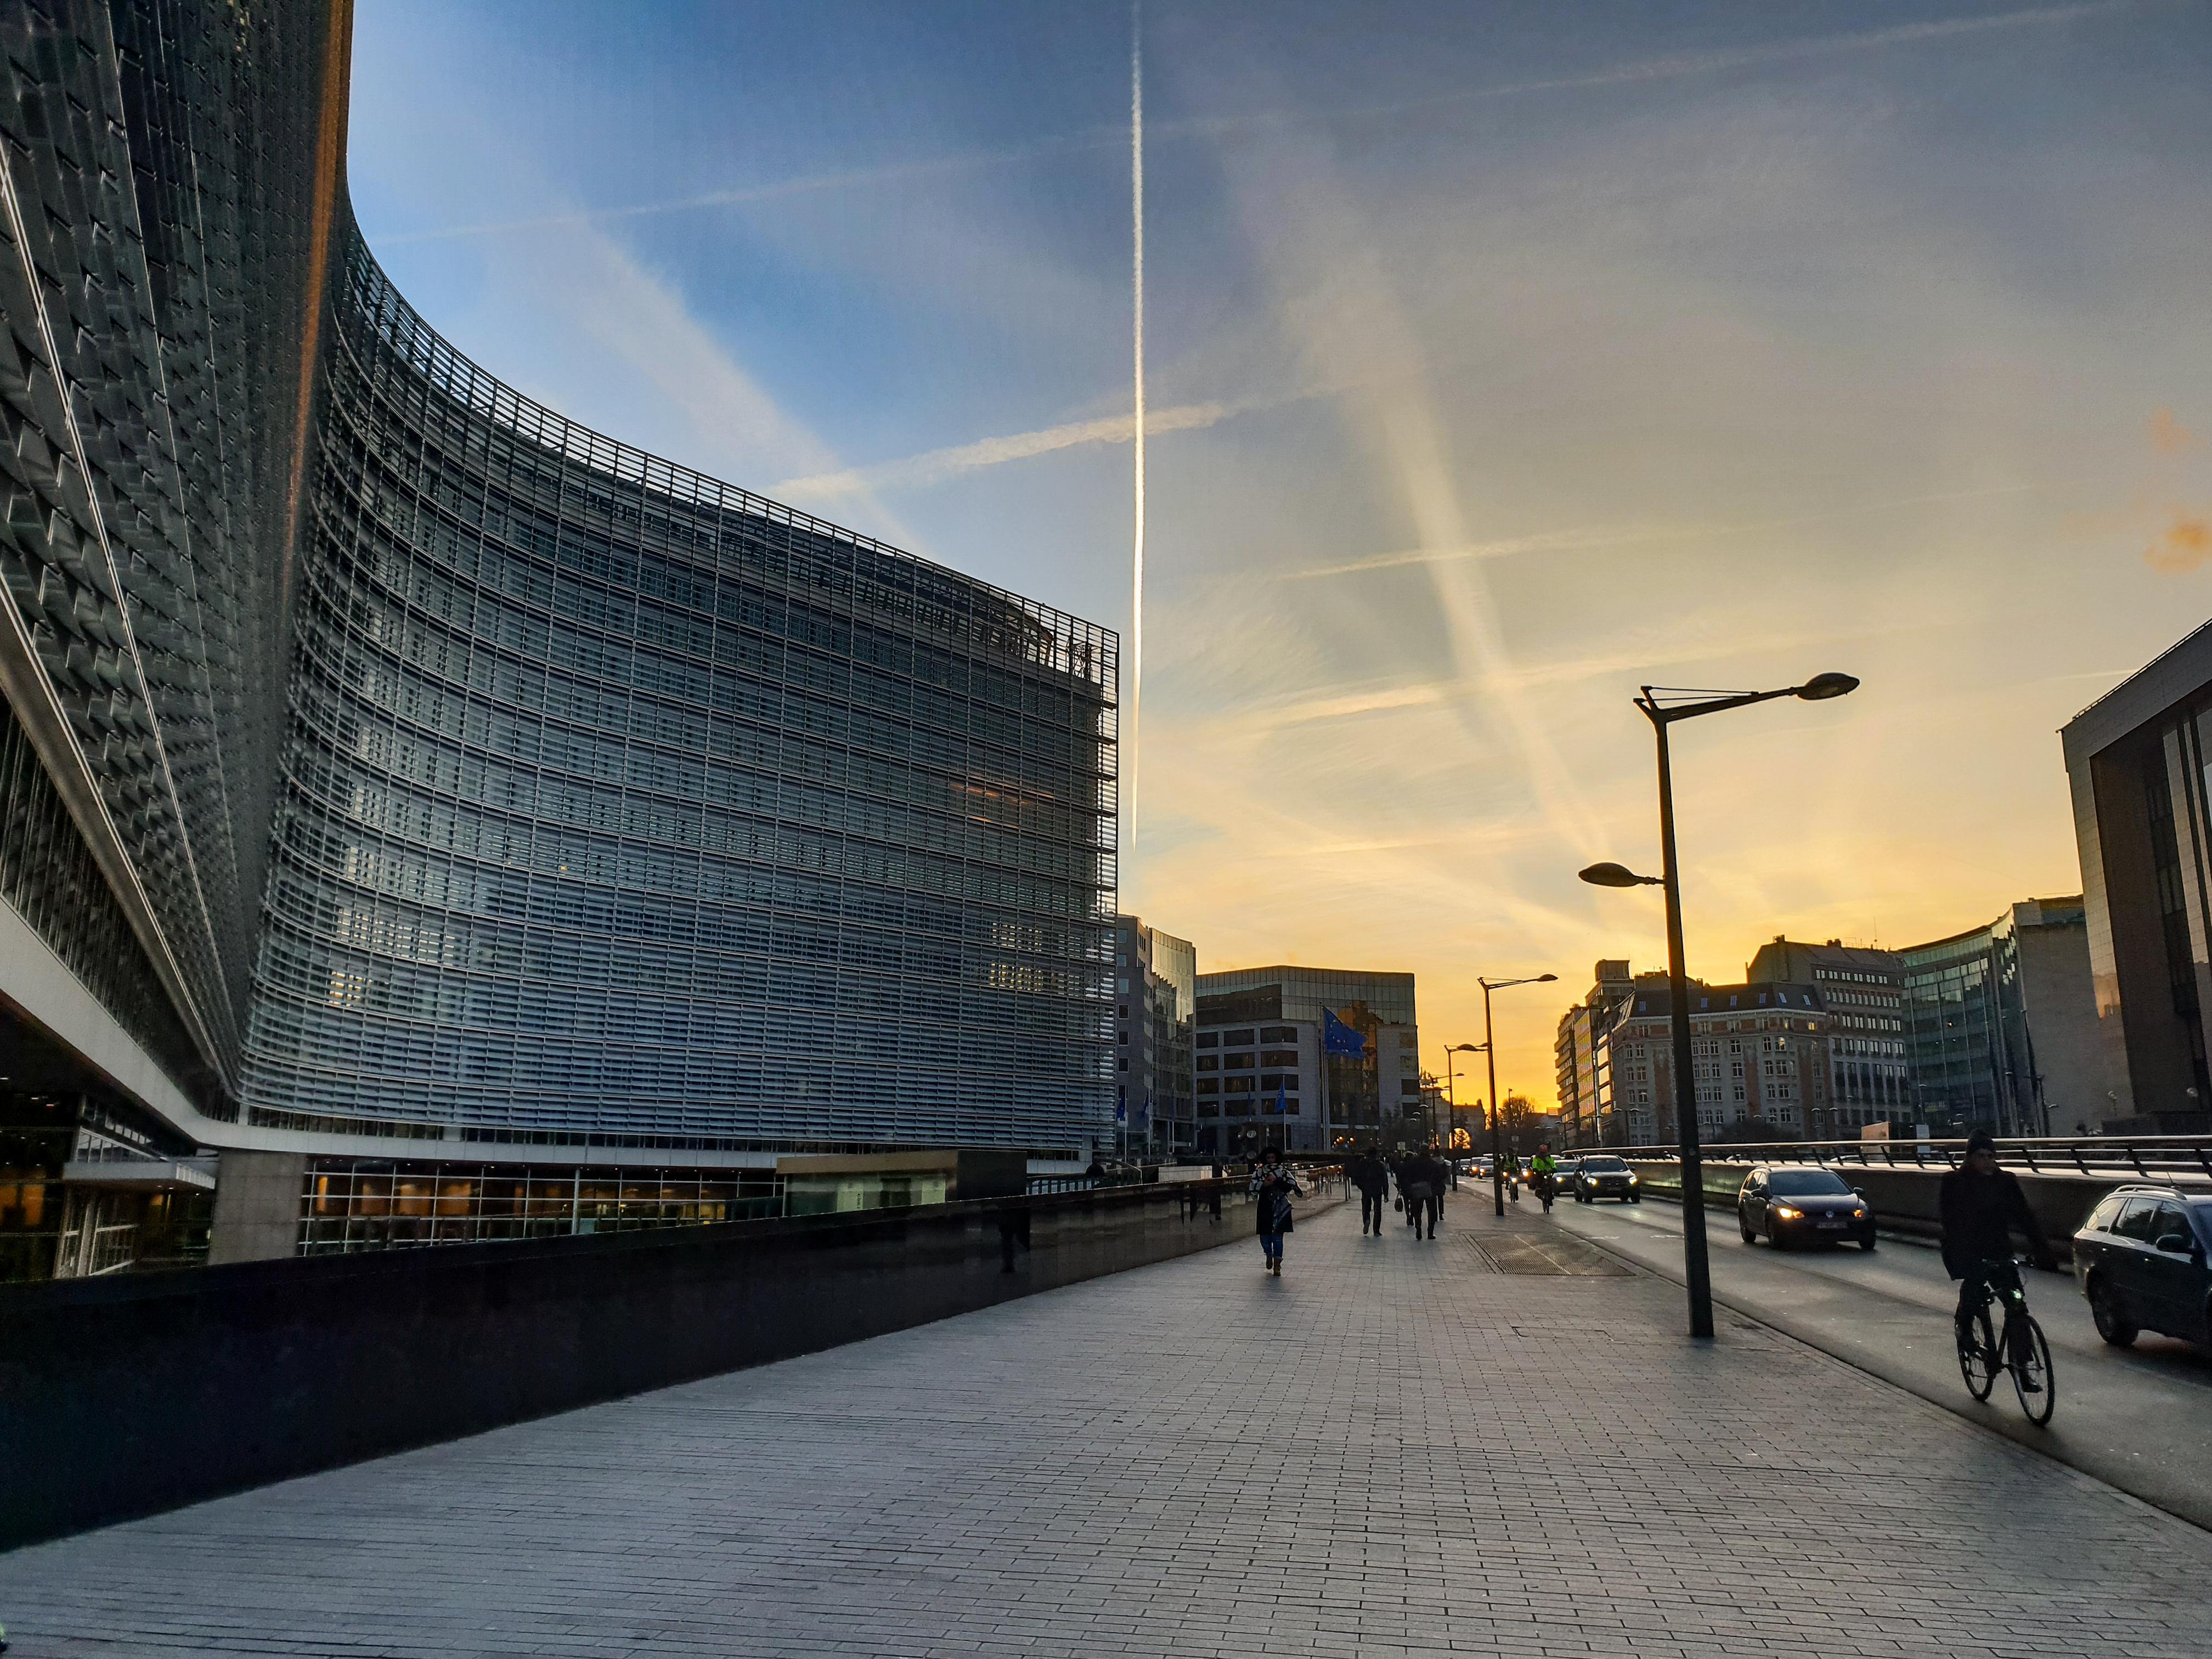 Séminaire influenceurs à Bruxelles avec la Commission Européenne 4